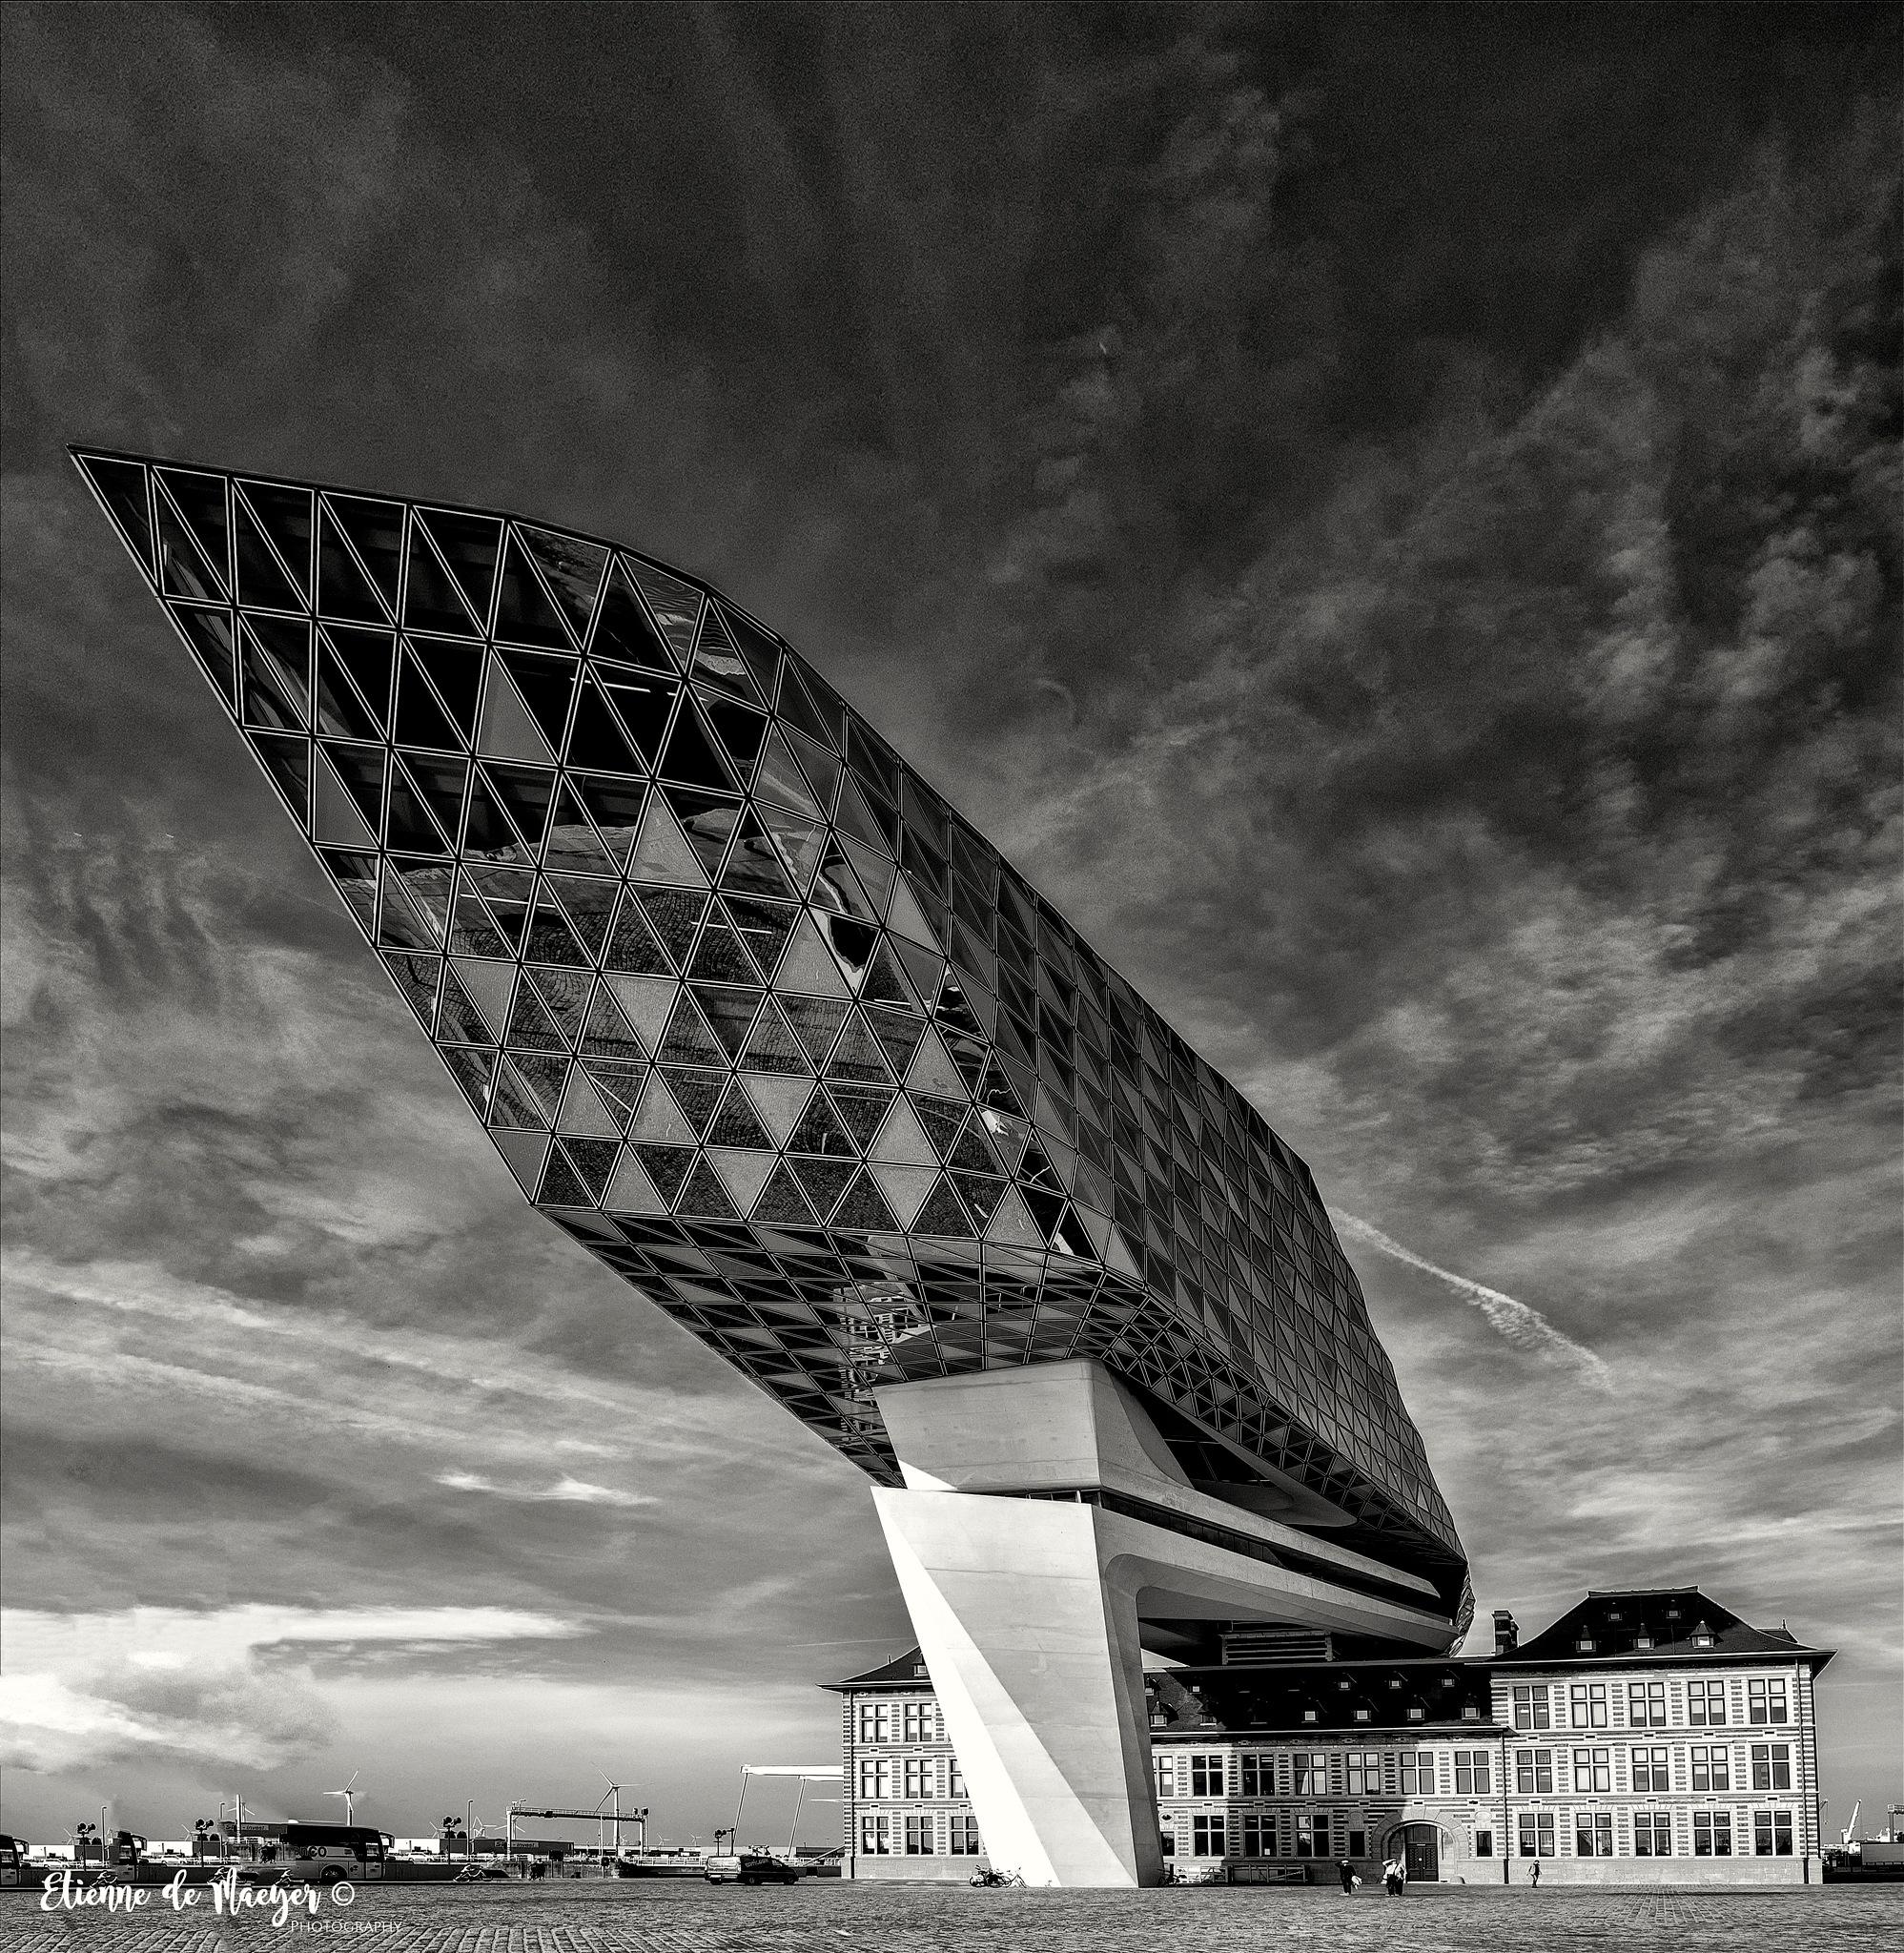 Antwerpen by Etienne de Maeyer